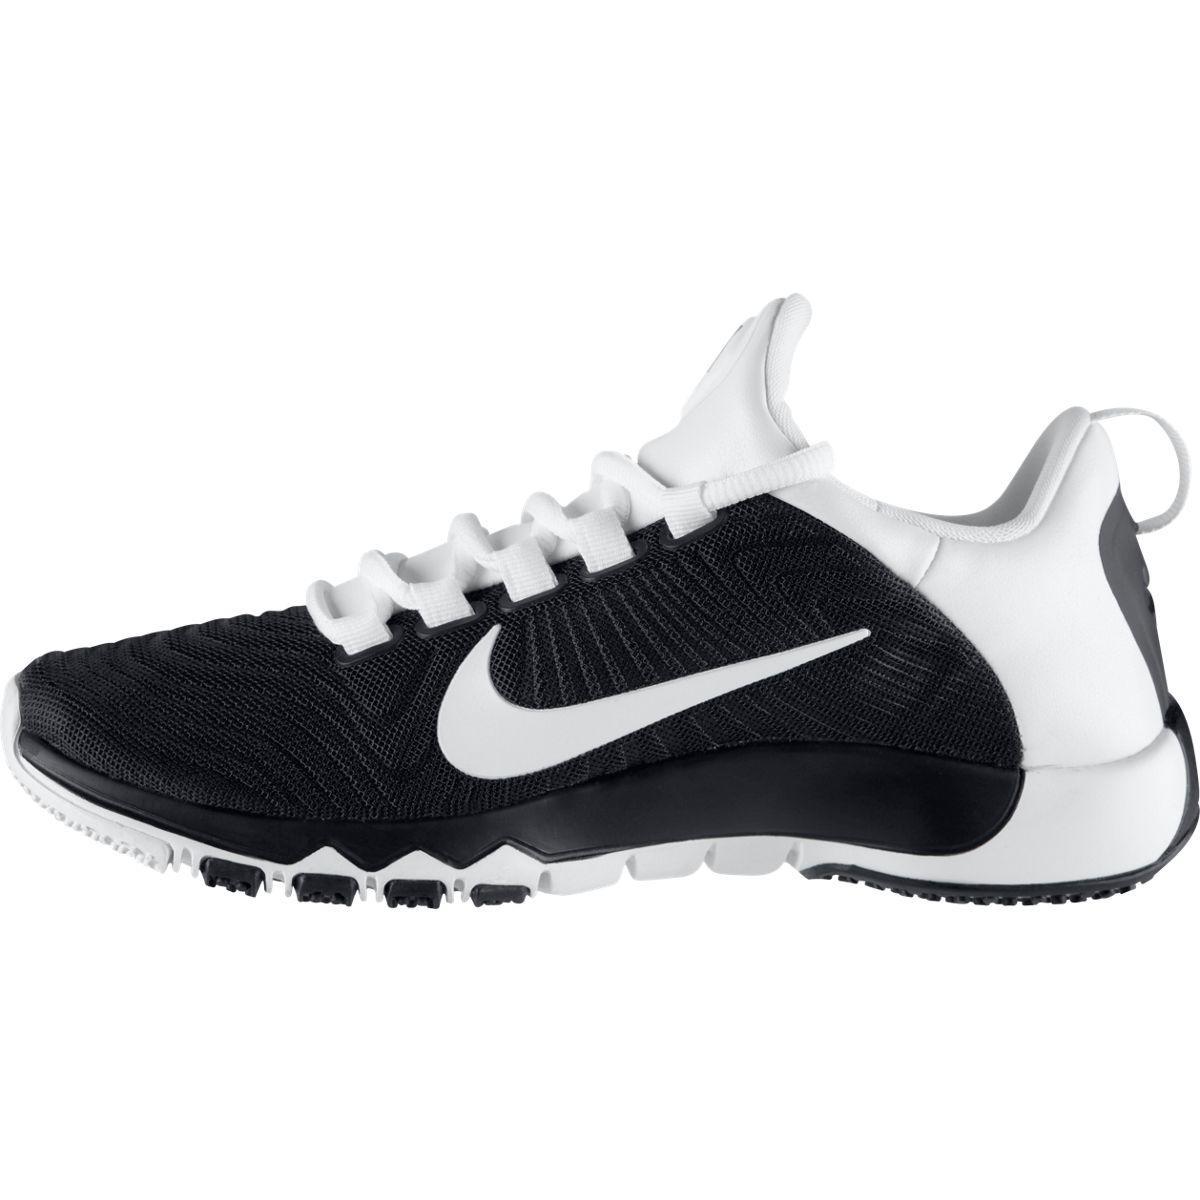 6b4502b1d081 Nike Mens Free Trainer 5.0 Training Shoes - Black White - Tennisnuts.com